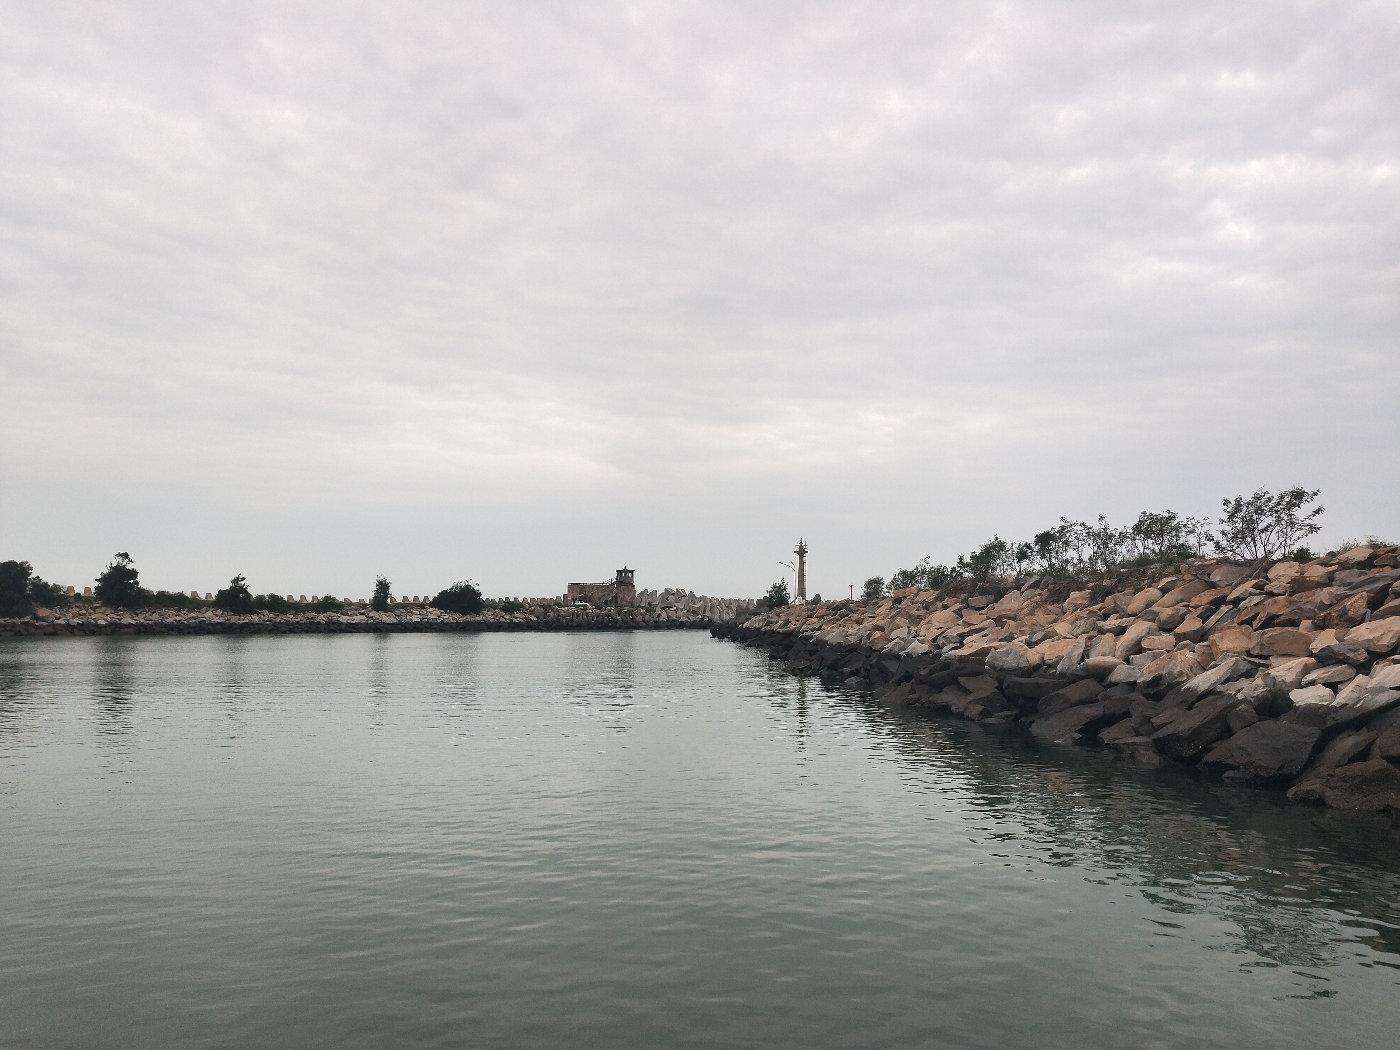 走前再看一眼,再见了渔港